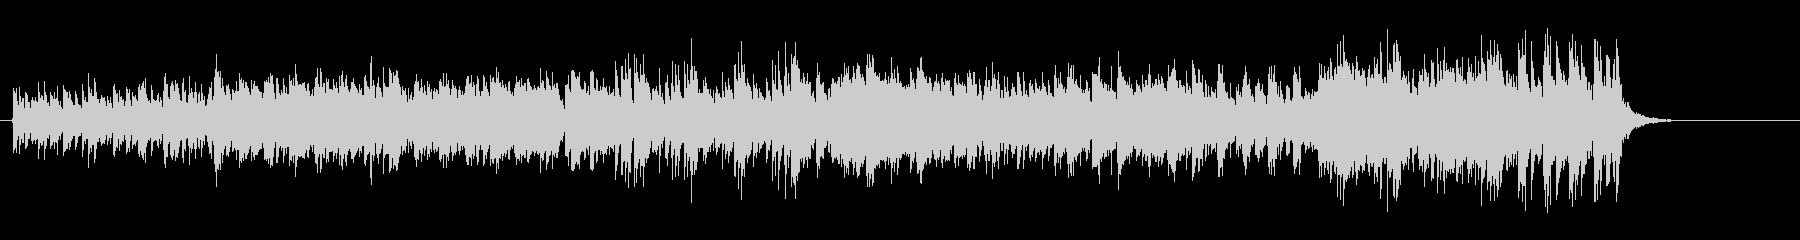 中近東風ワールド・ミュージック系BGMの未再生の波形